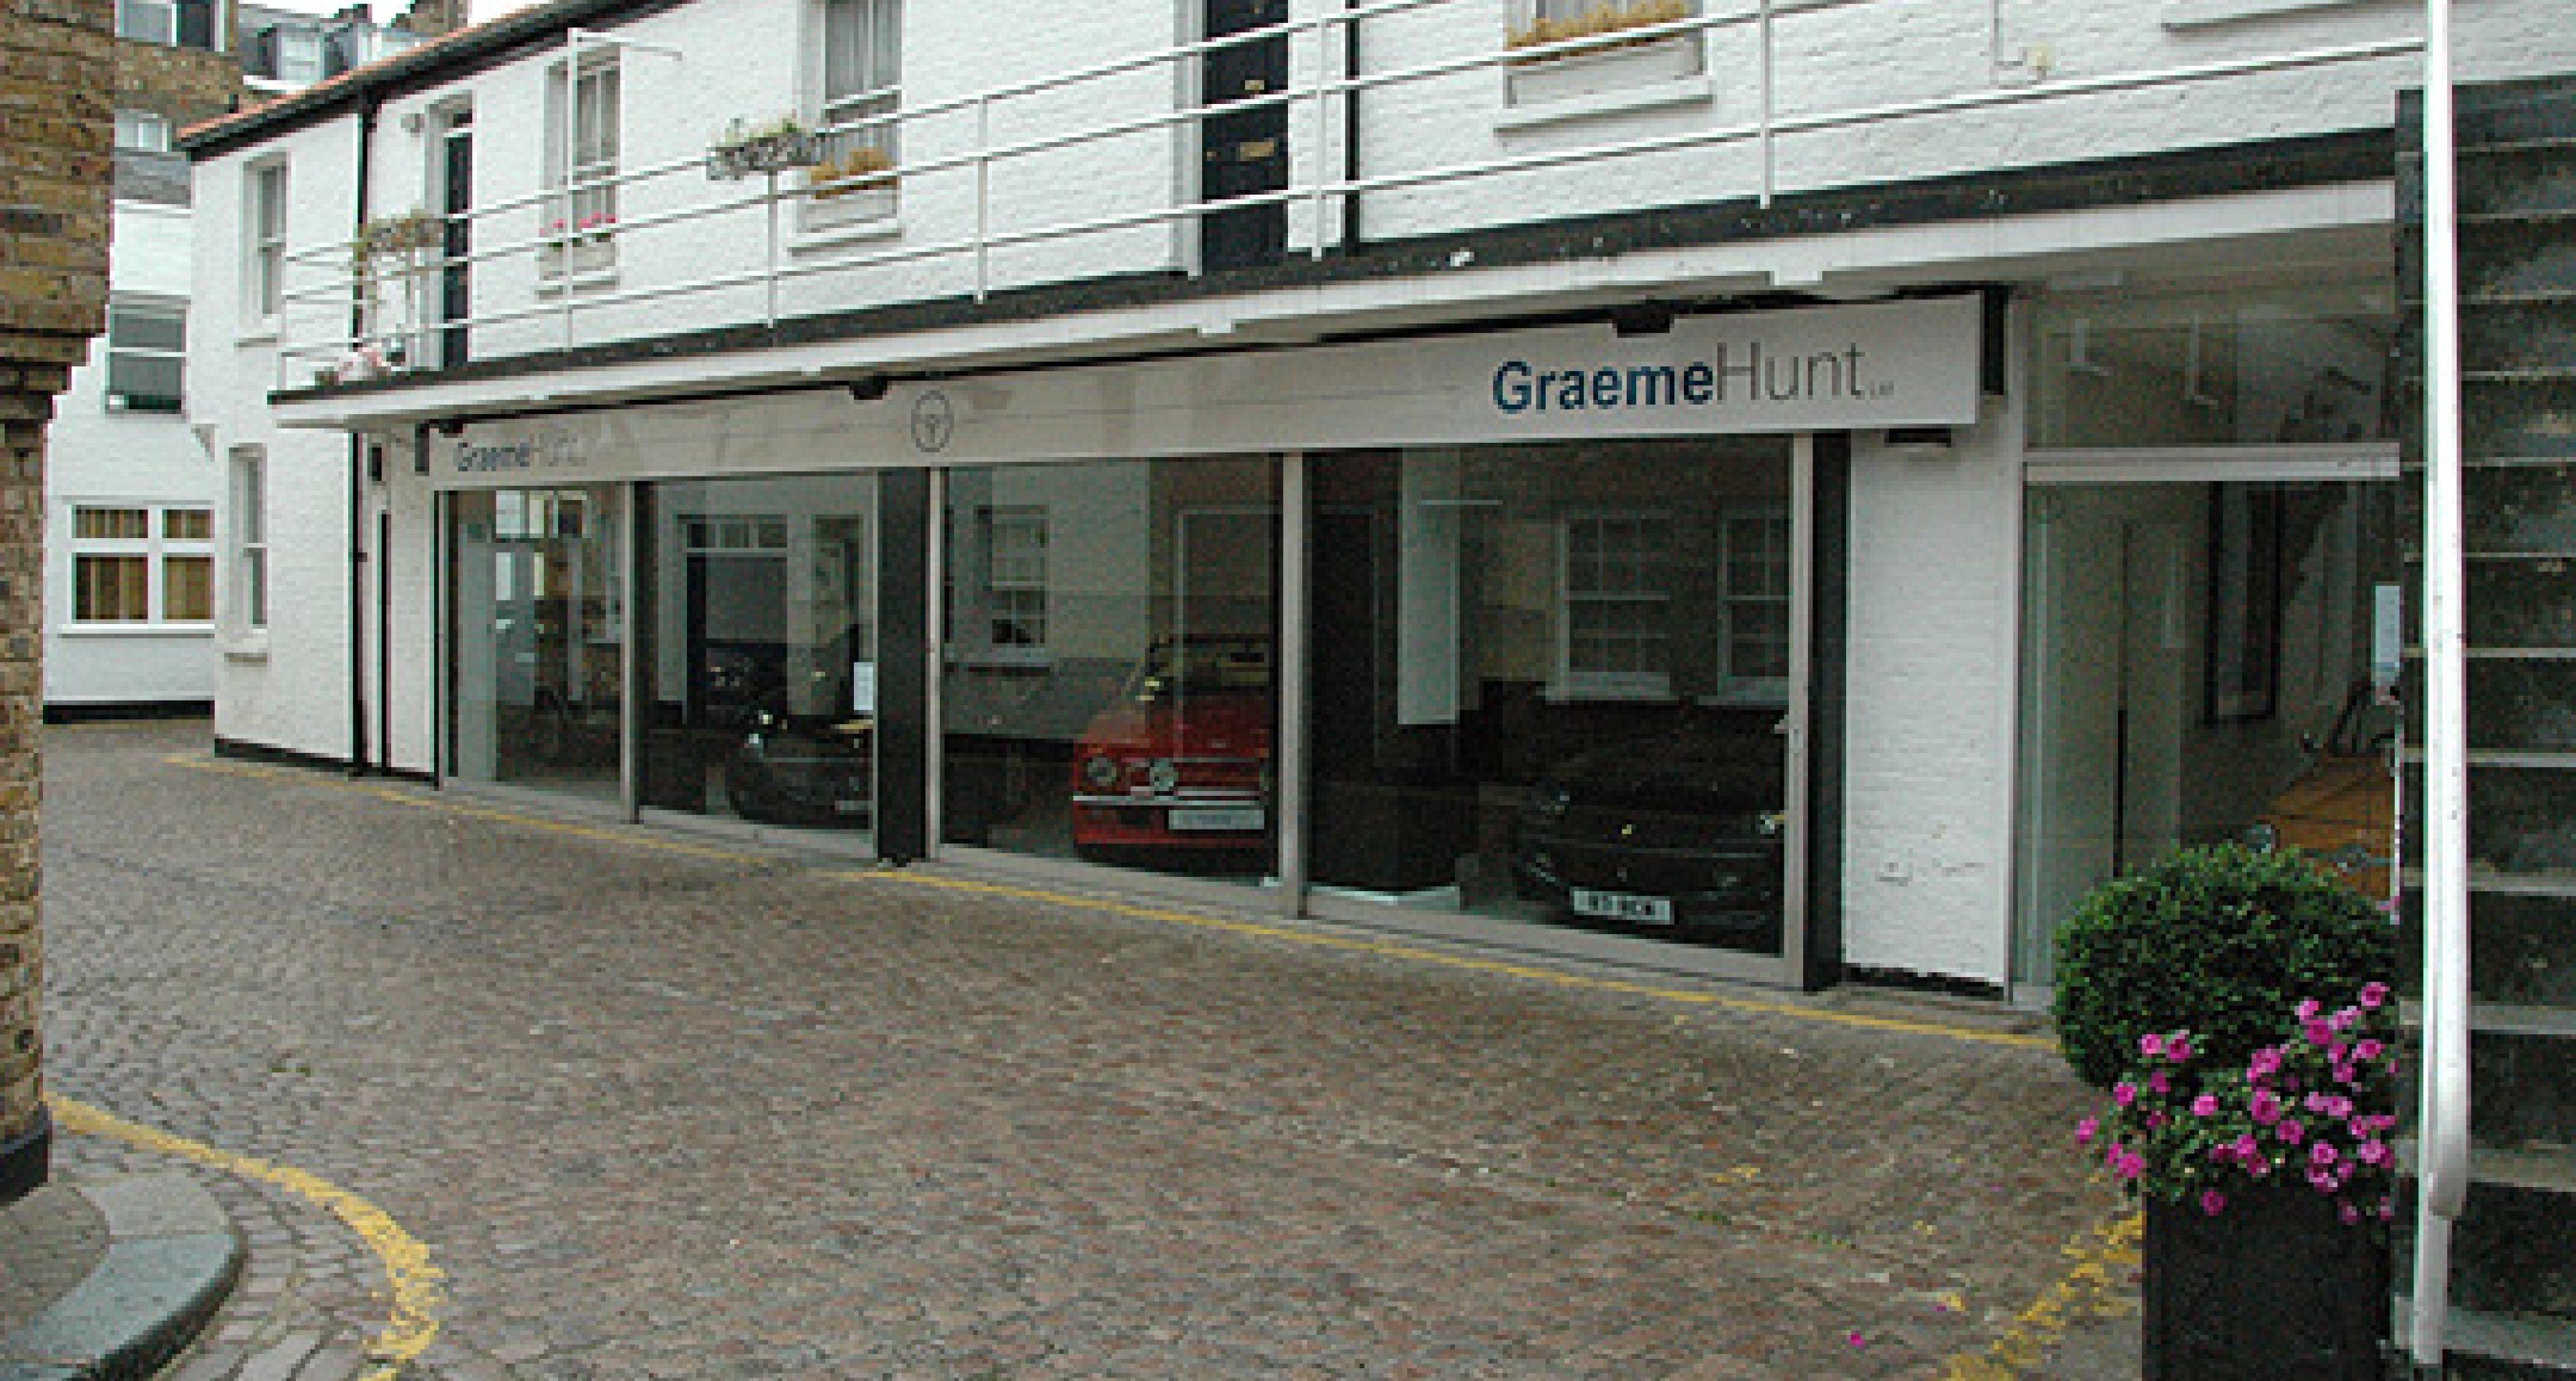 Dealer Profile: Graeme Hunt